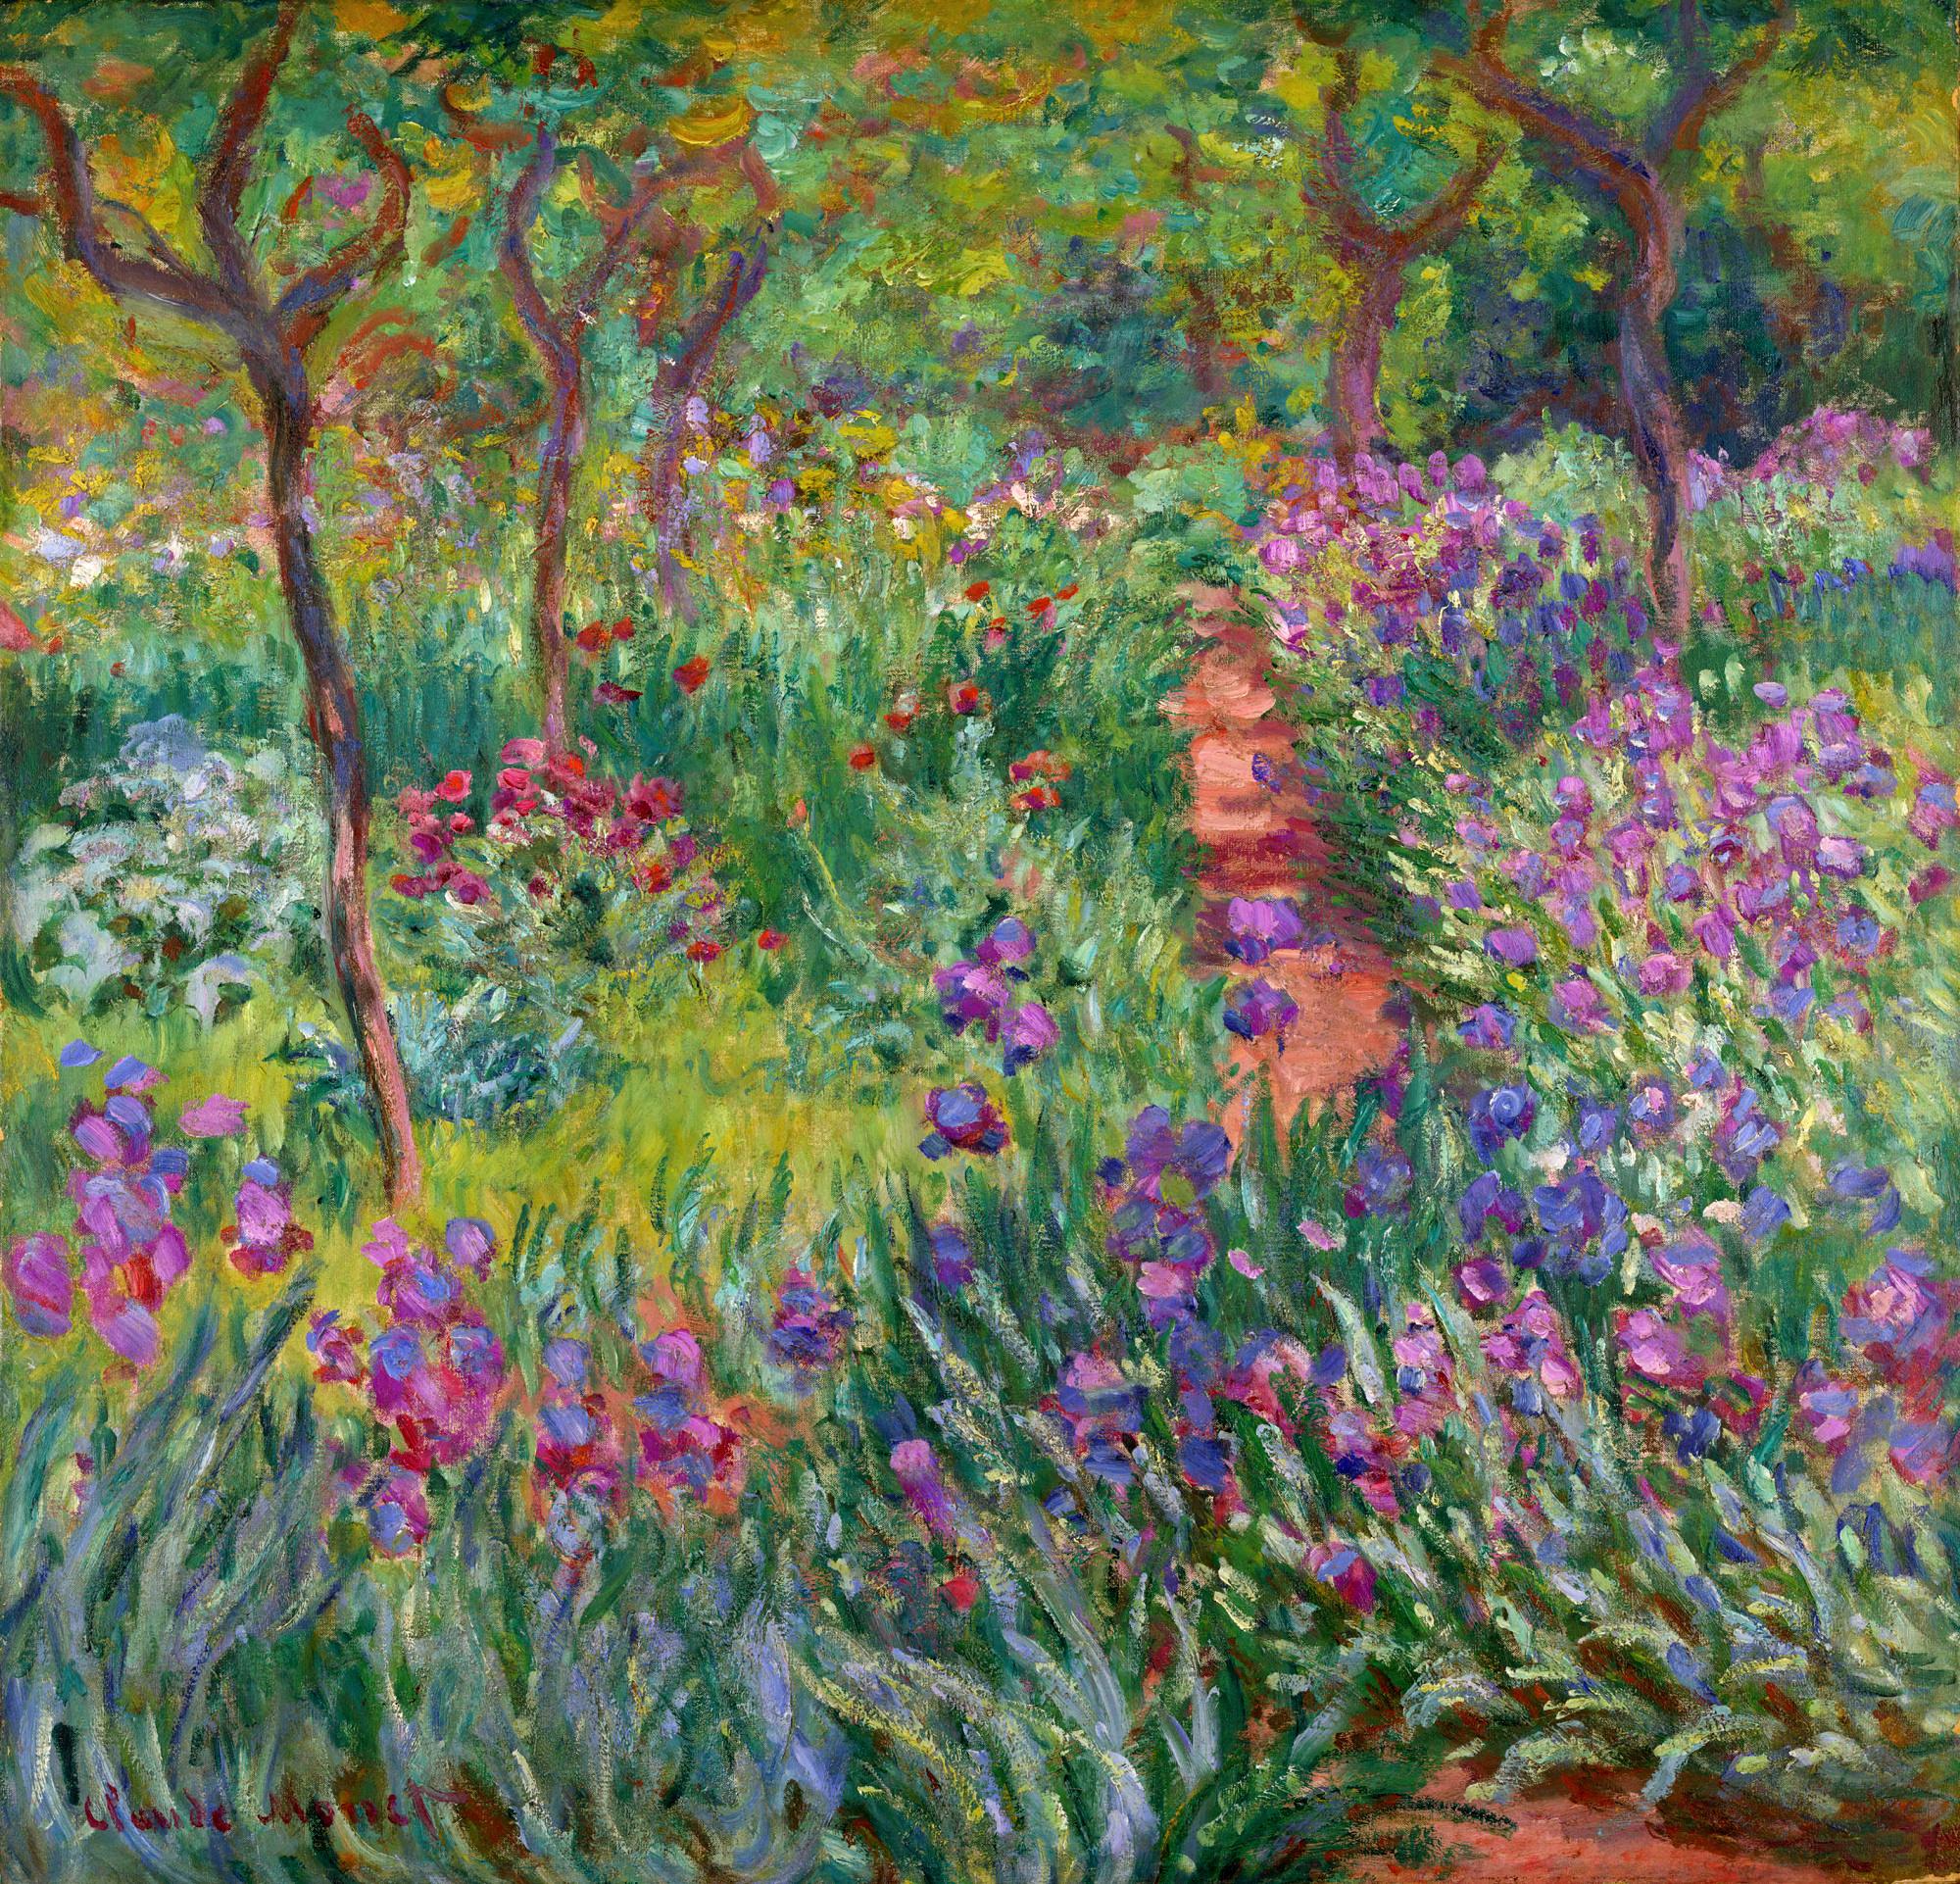 пейзаж < Сад ирисов в Живерни >:: Клод Моне, описание картины - Моне Клод (Claude Monet) фото